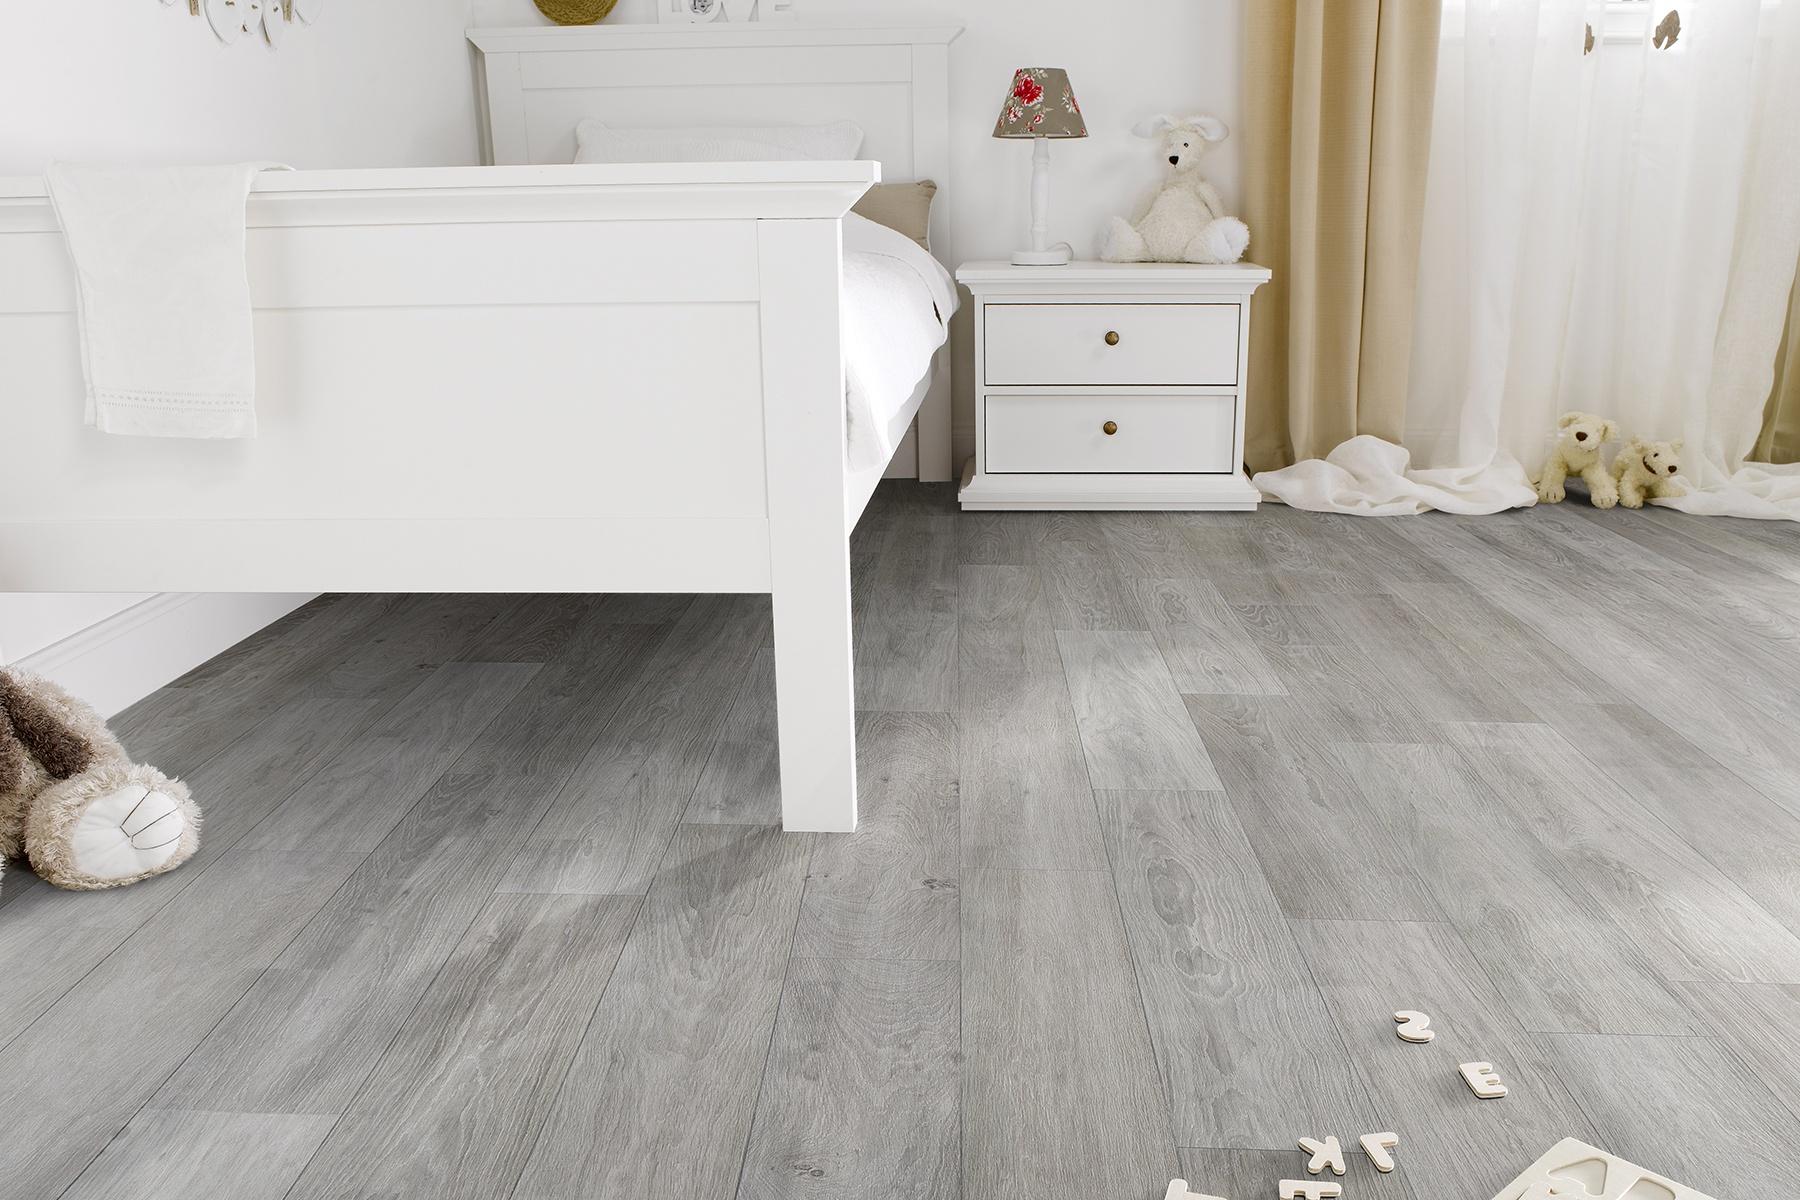 Watervaste laminaatvloer uit kunststof waterbestendige vloer